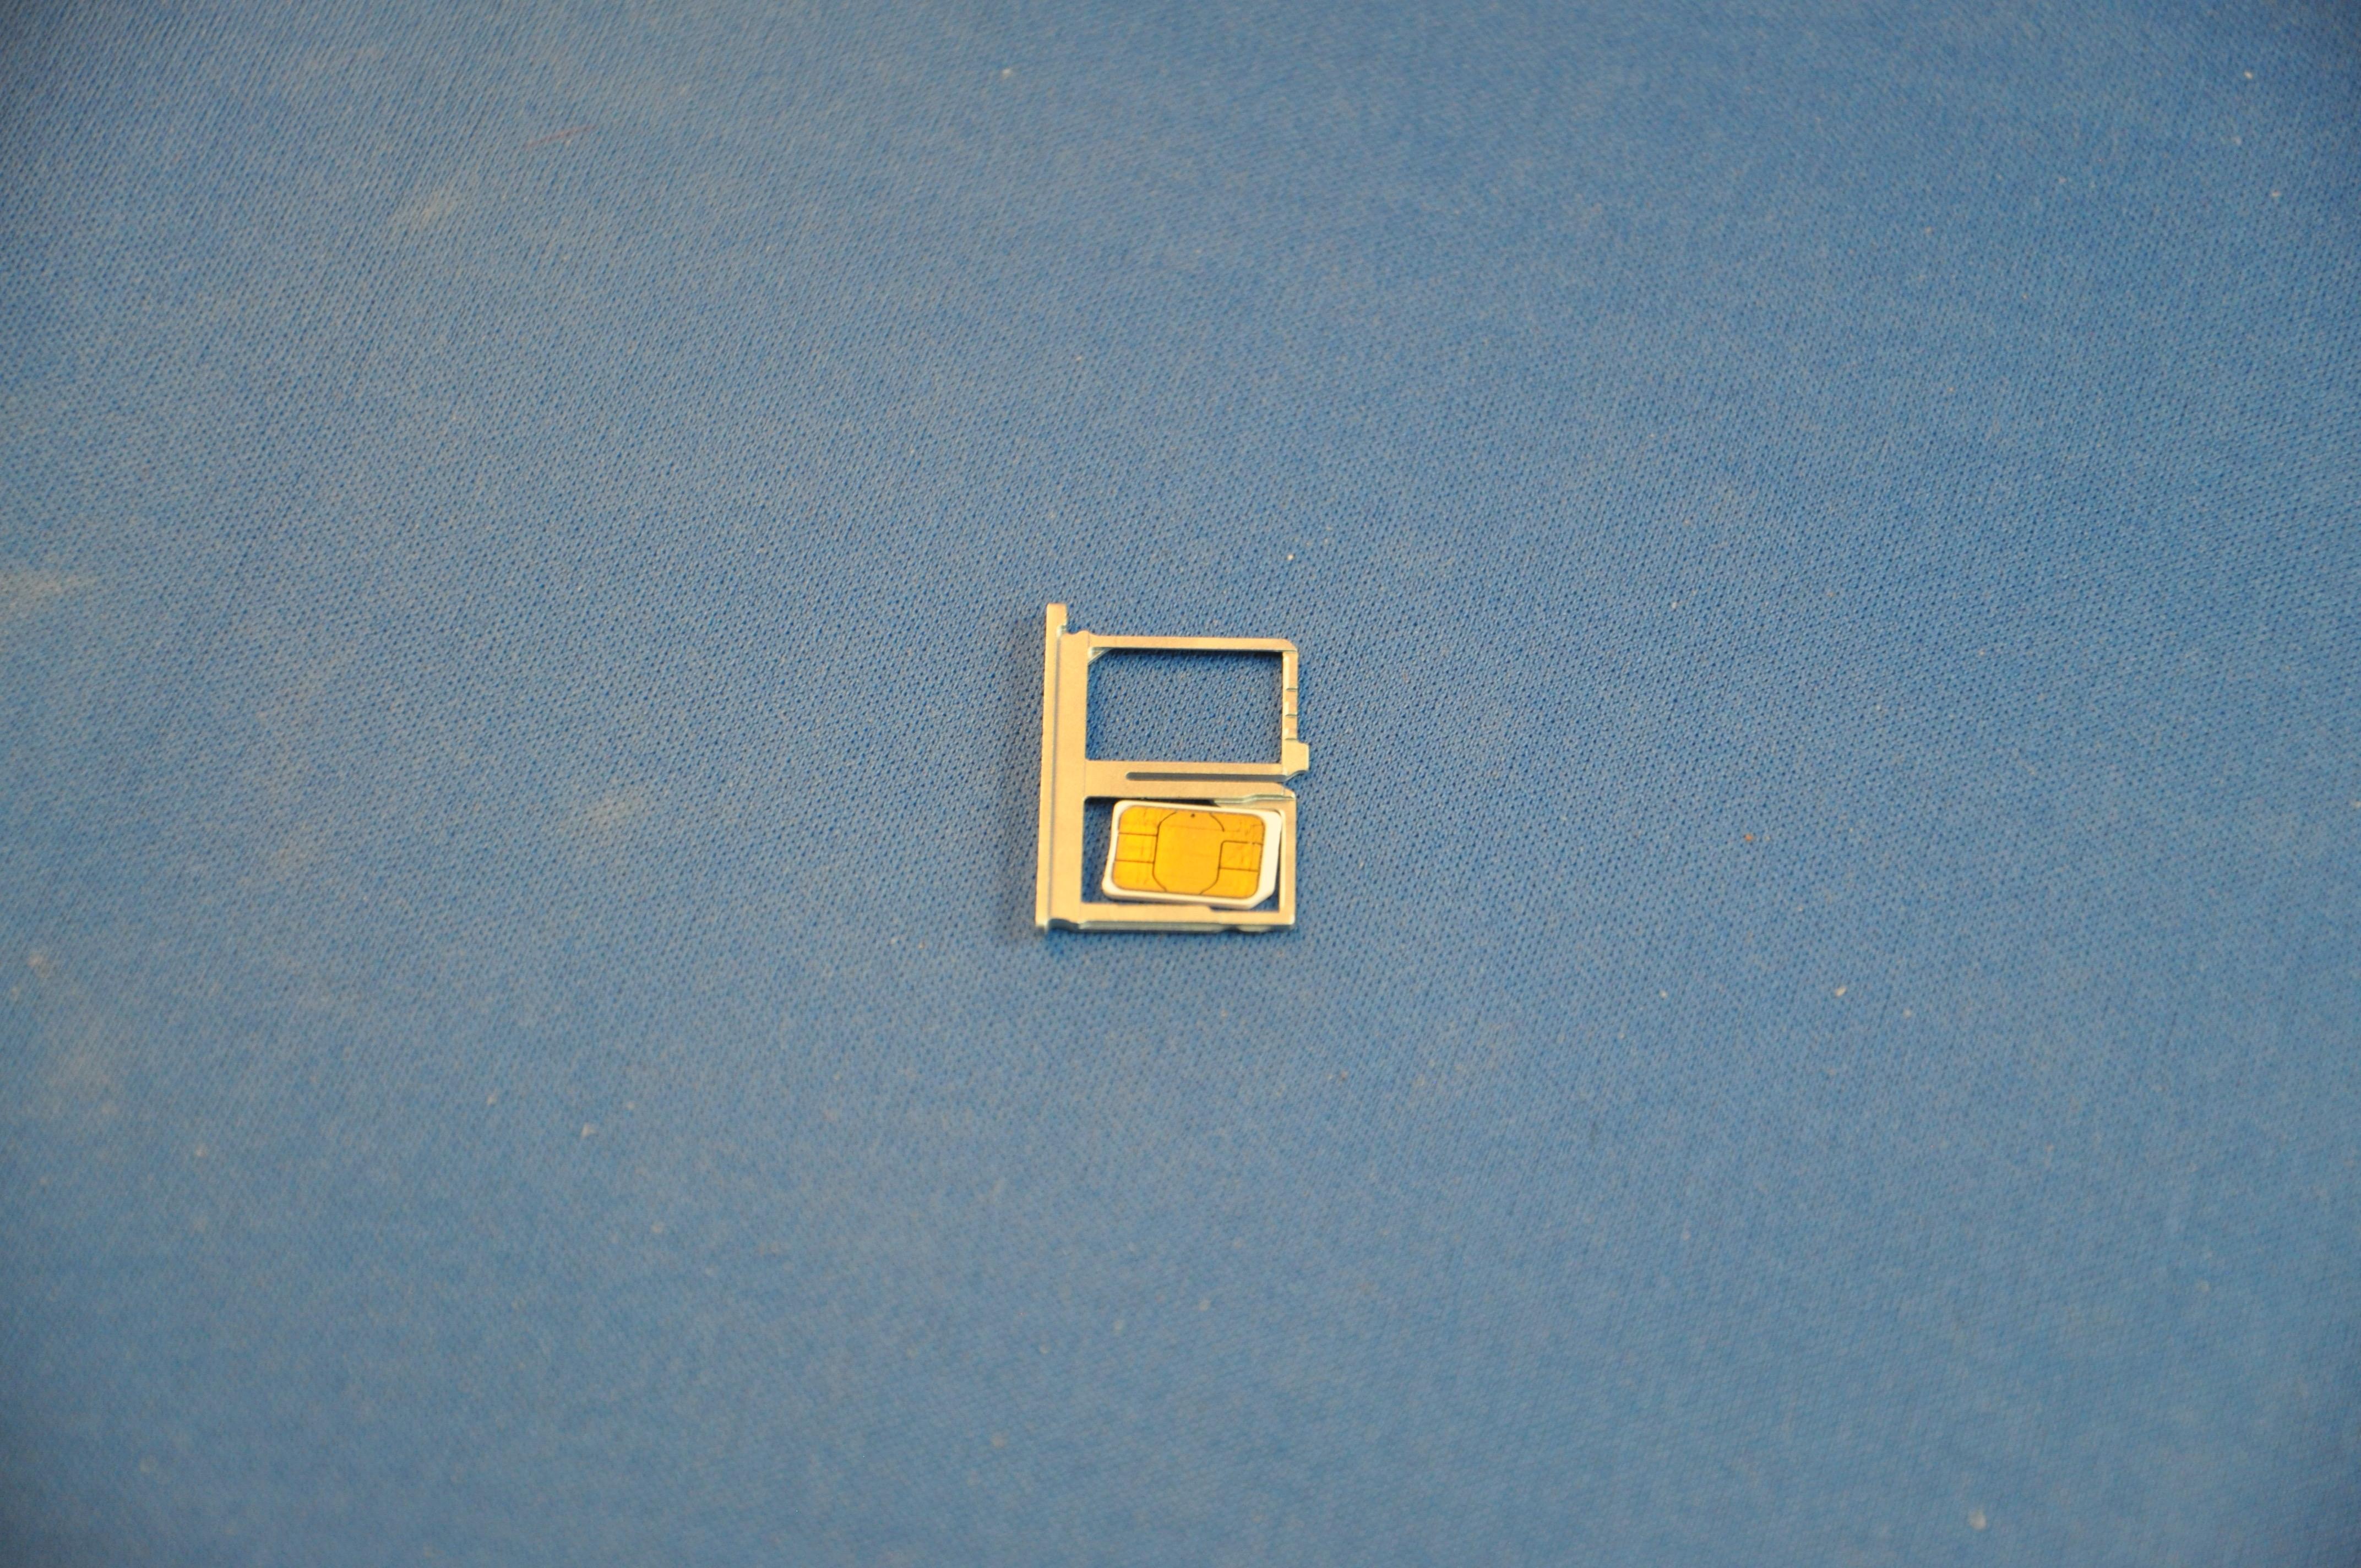 hookup cube 4 nano